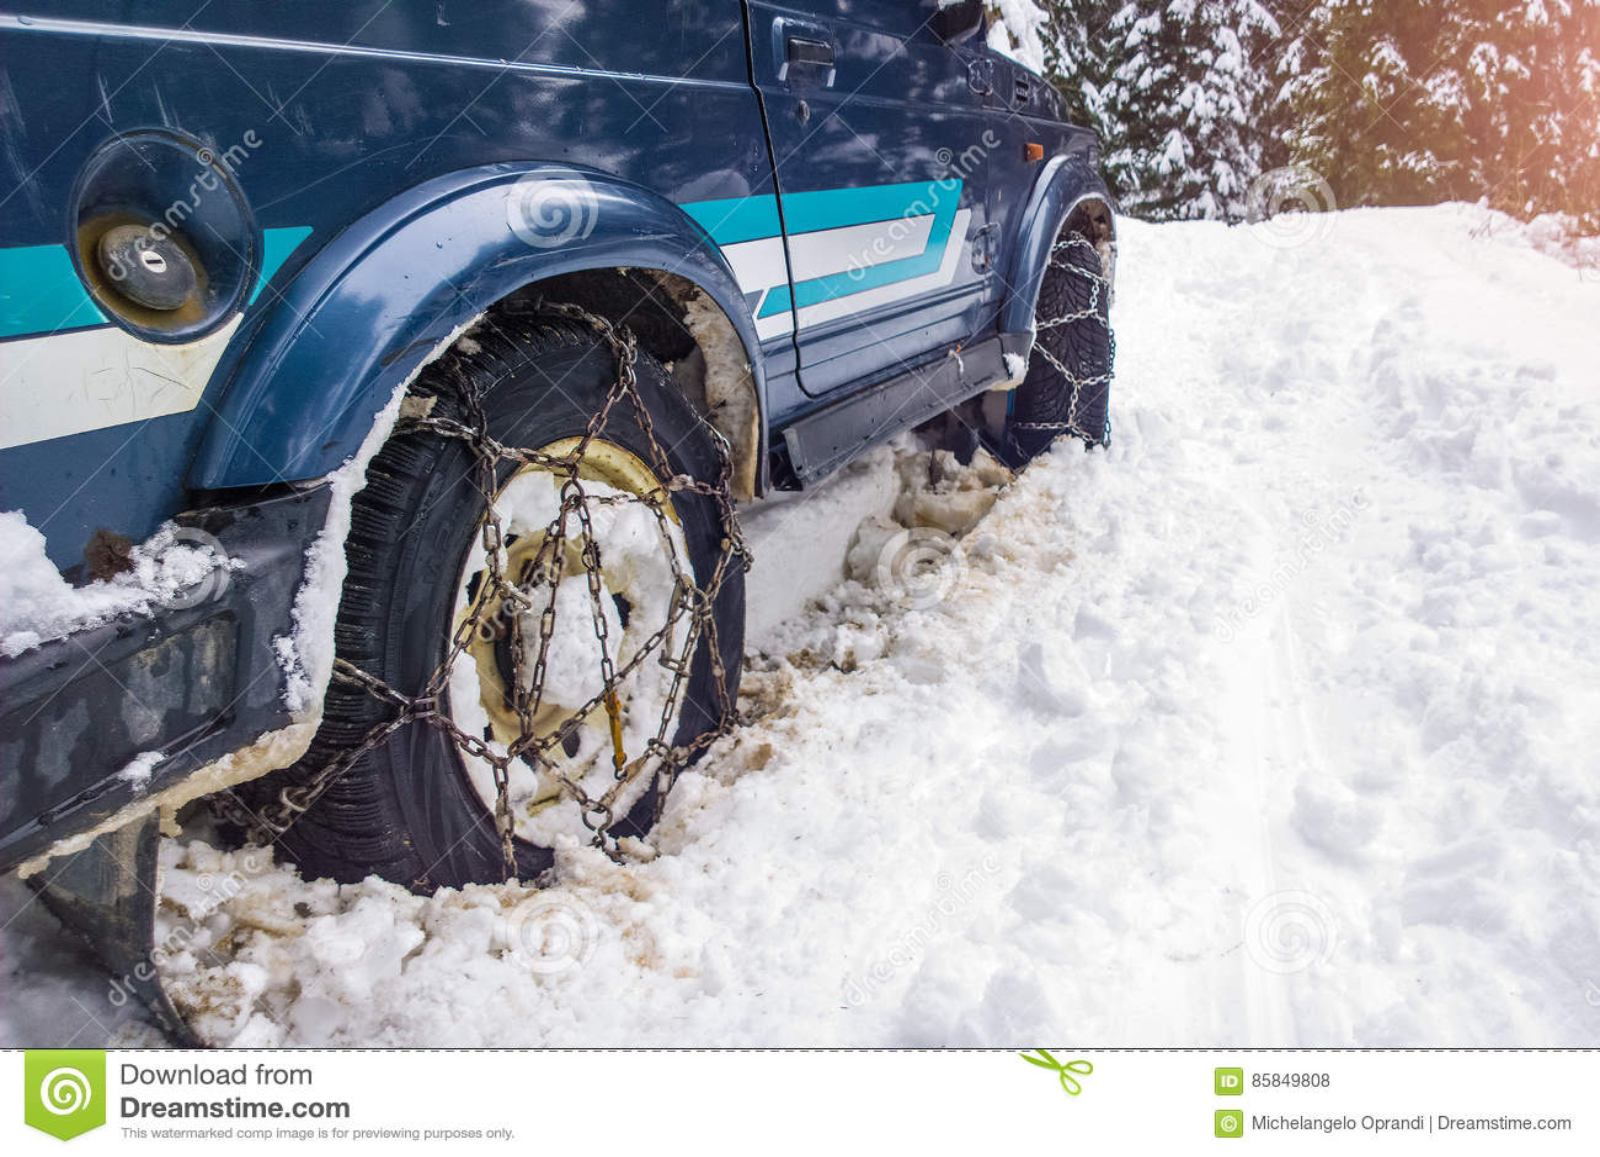 Voitures outre de la route avec des chaînes en difficulté dans la neige